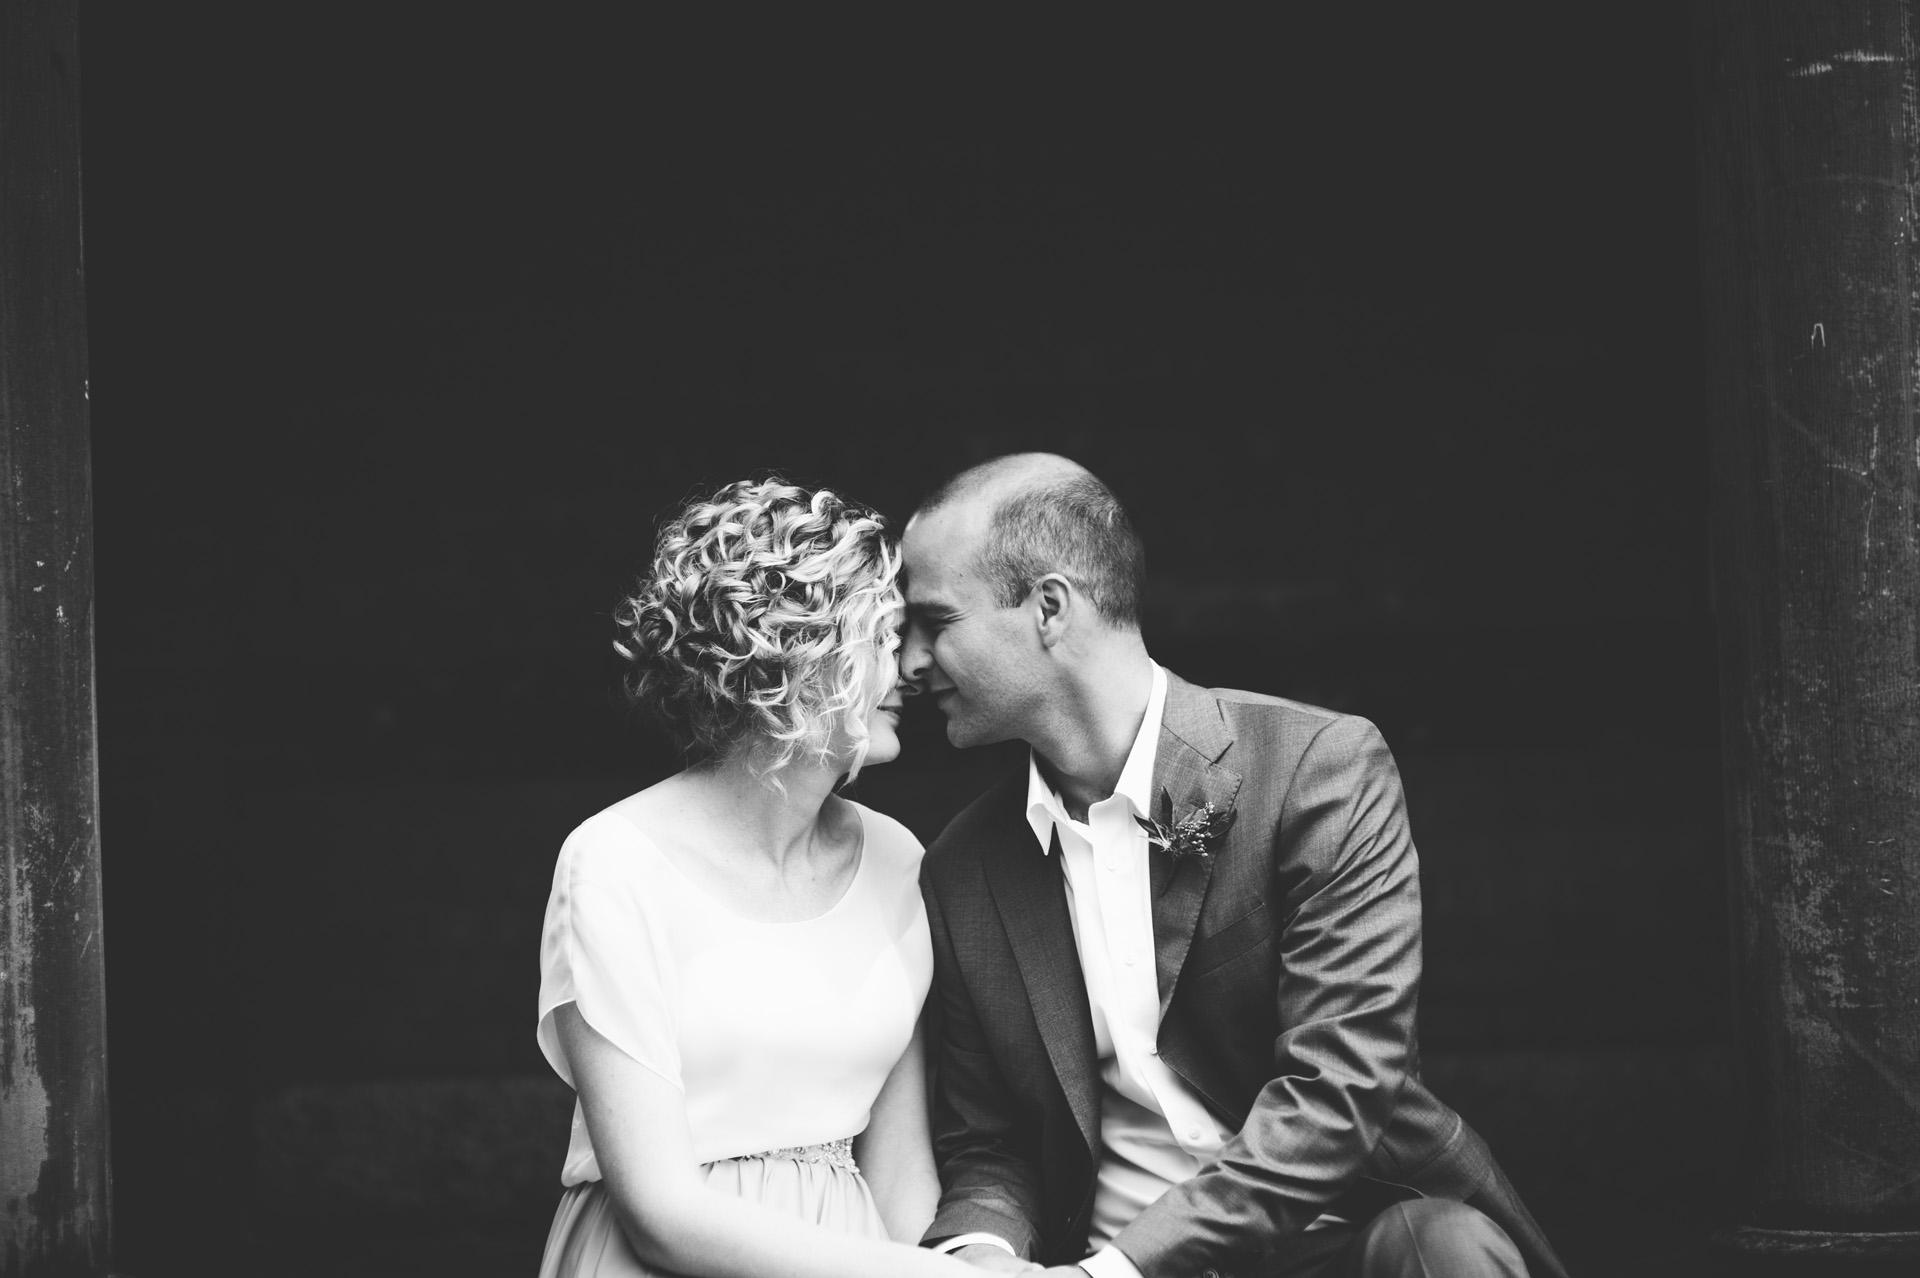 alden-harlow-wedding-photographer-33